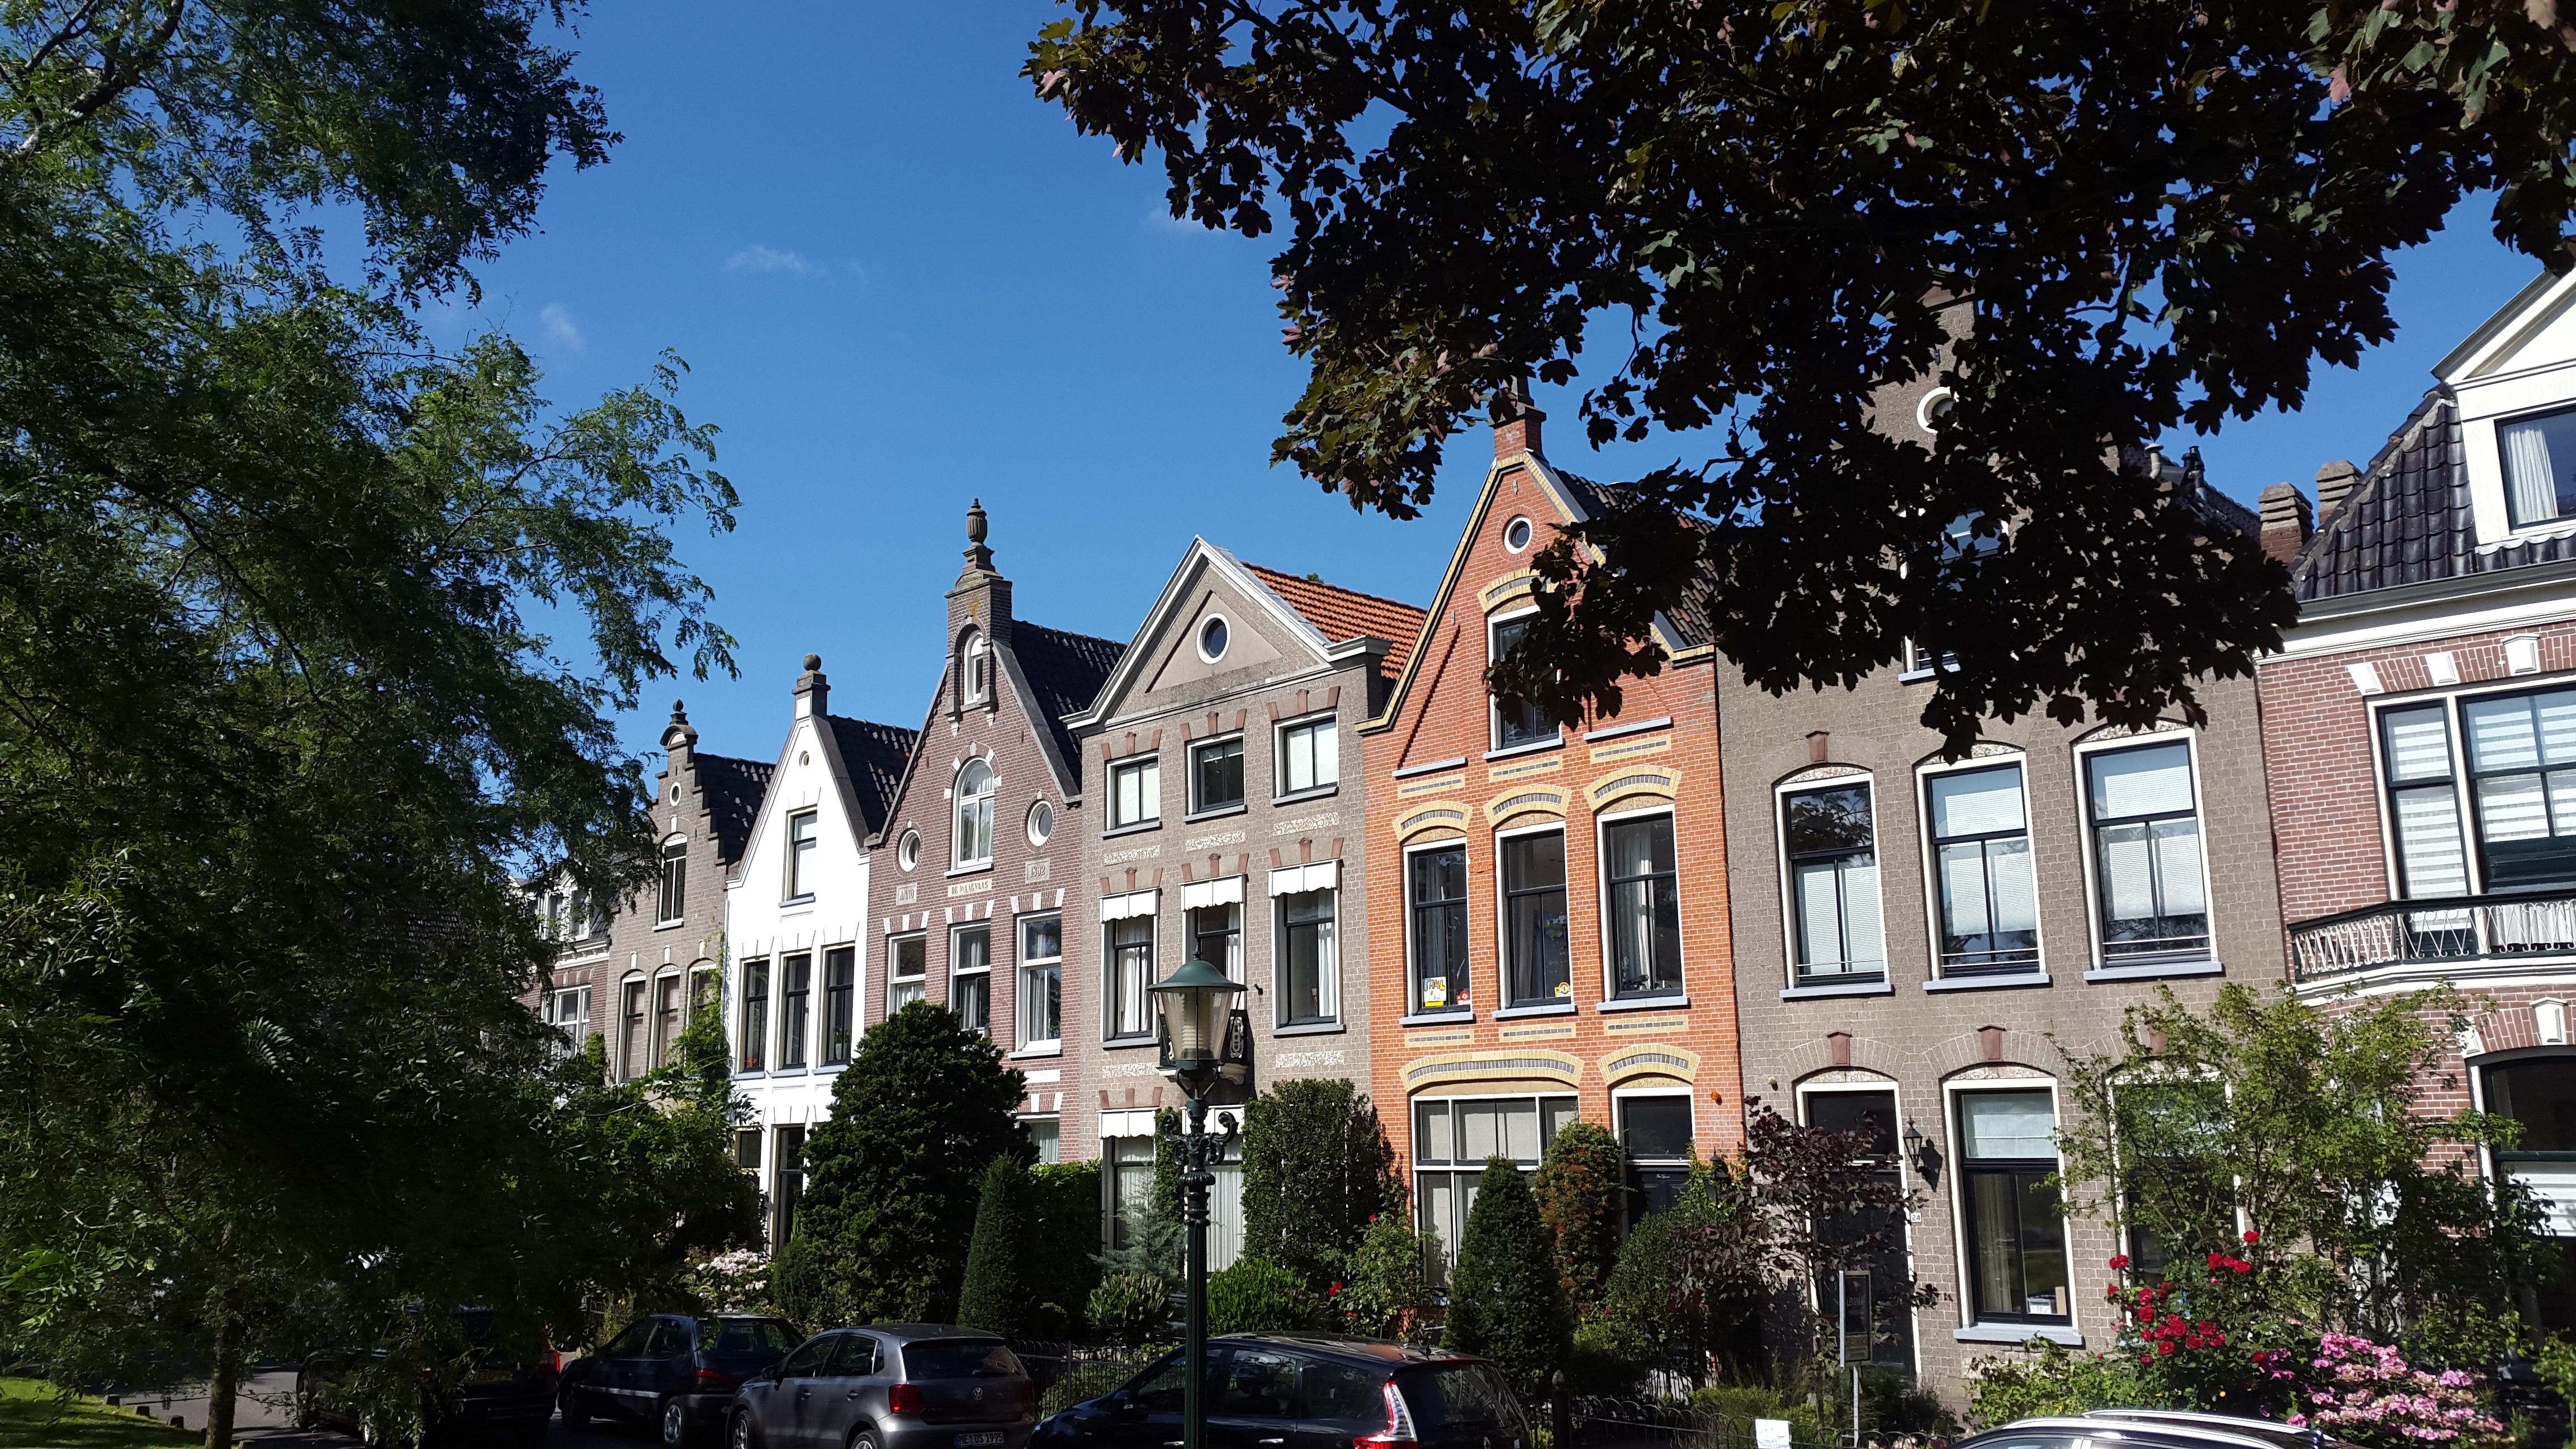 Alkmaar, huisjes met prachtige gevels